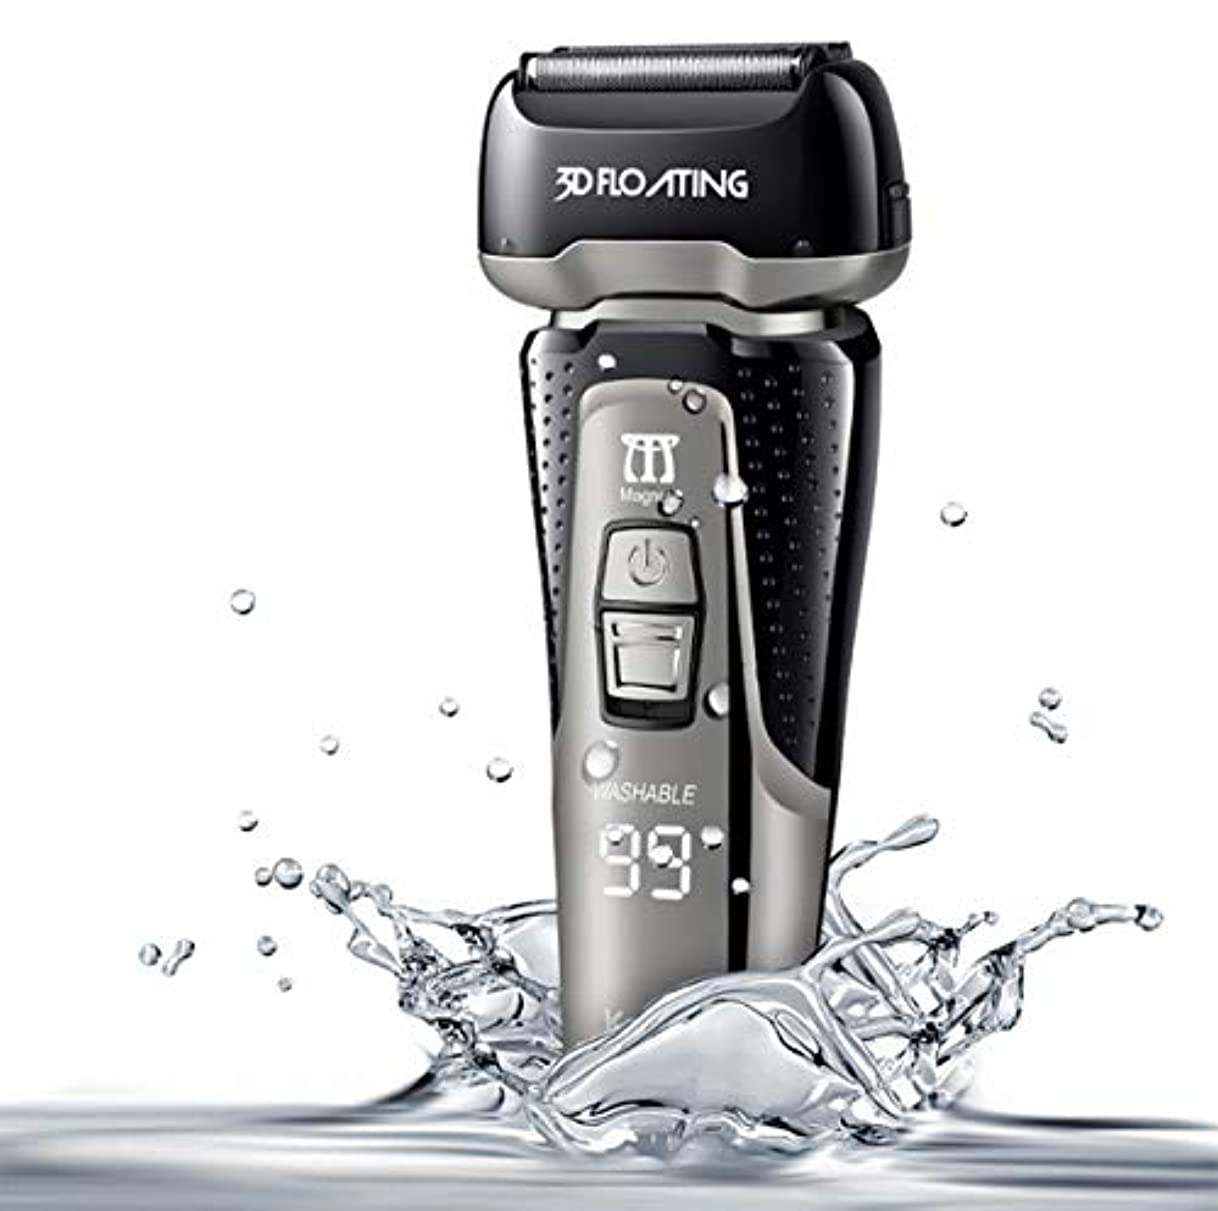 ひげそり 電動 メンズシェーバー 電気カミソリ 電動髭剃り リニアモーター搭載 IPX7防水 本体丸洗い 3枚刃 USB充電式 持ち運び便利